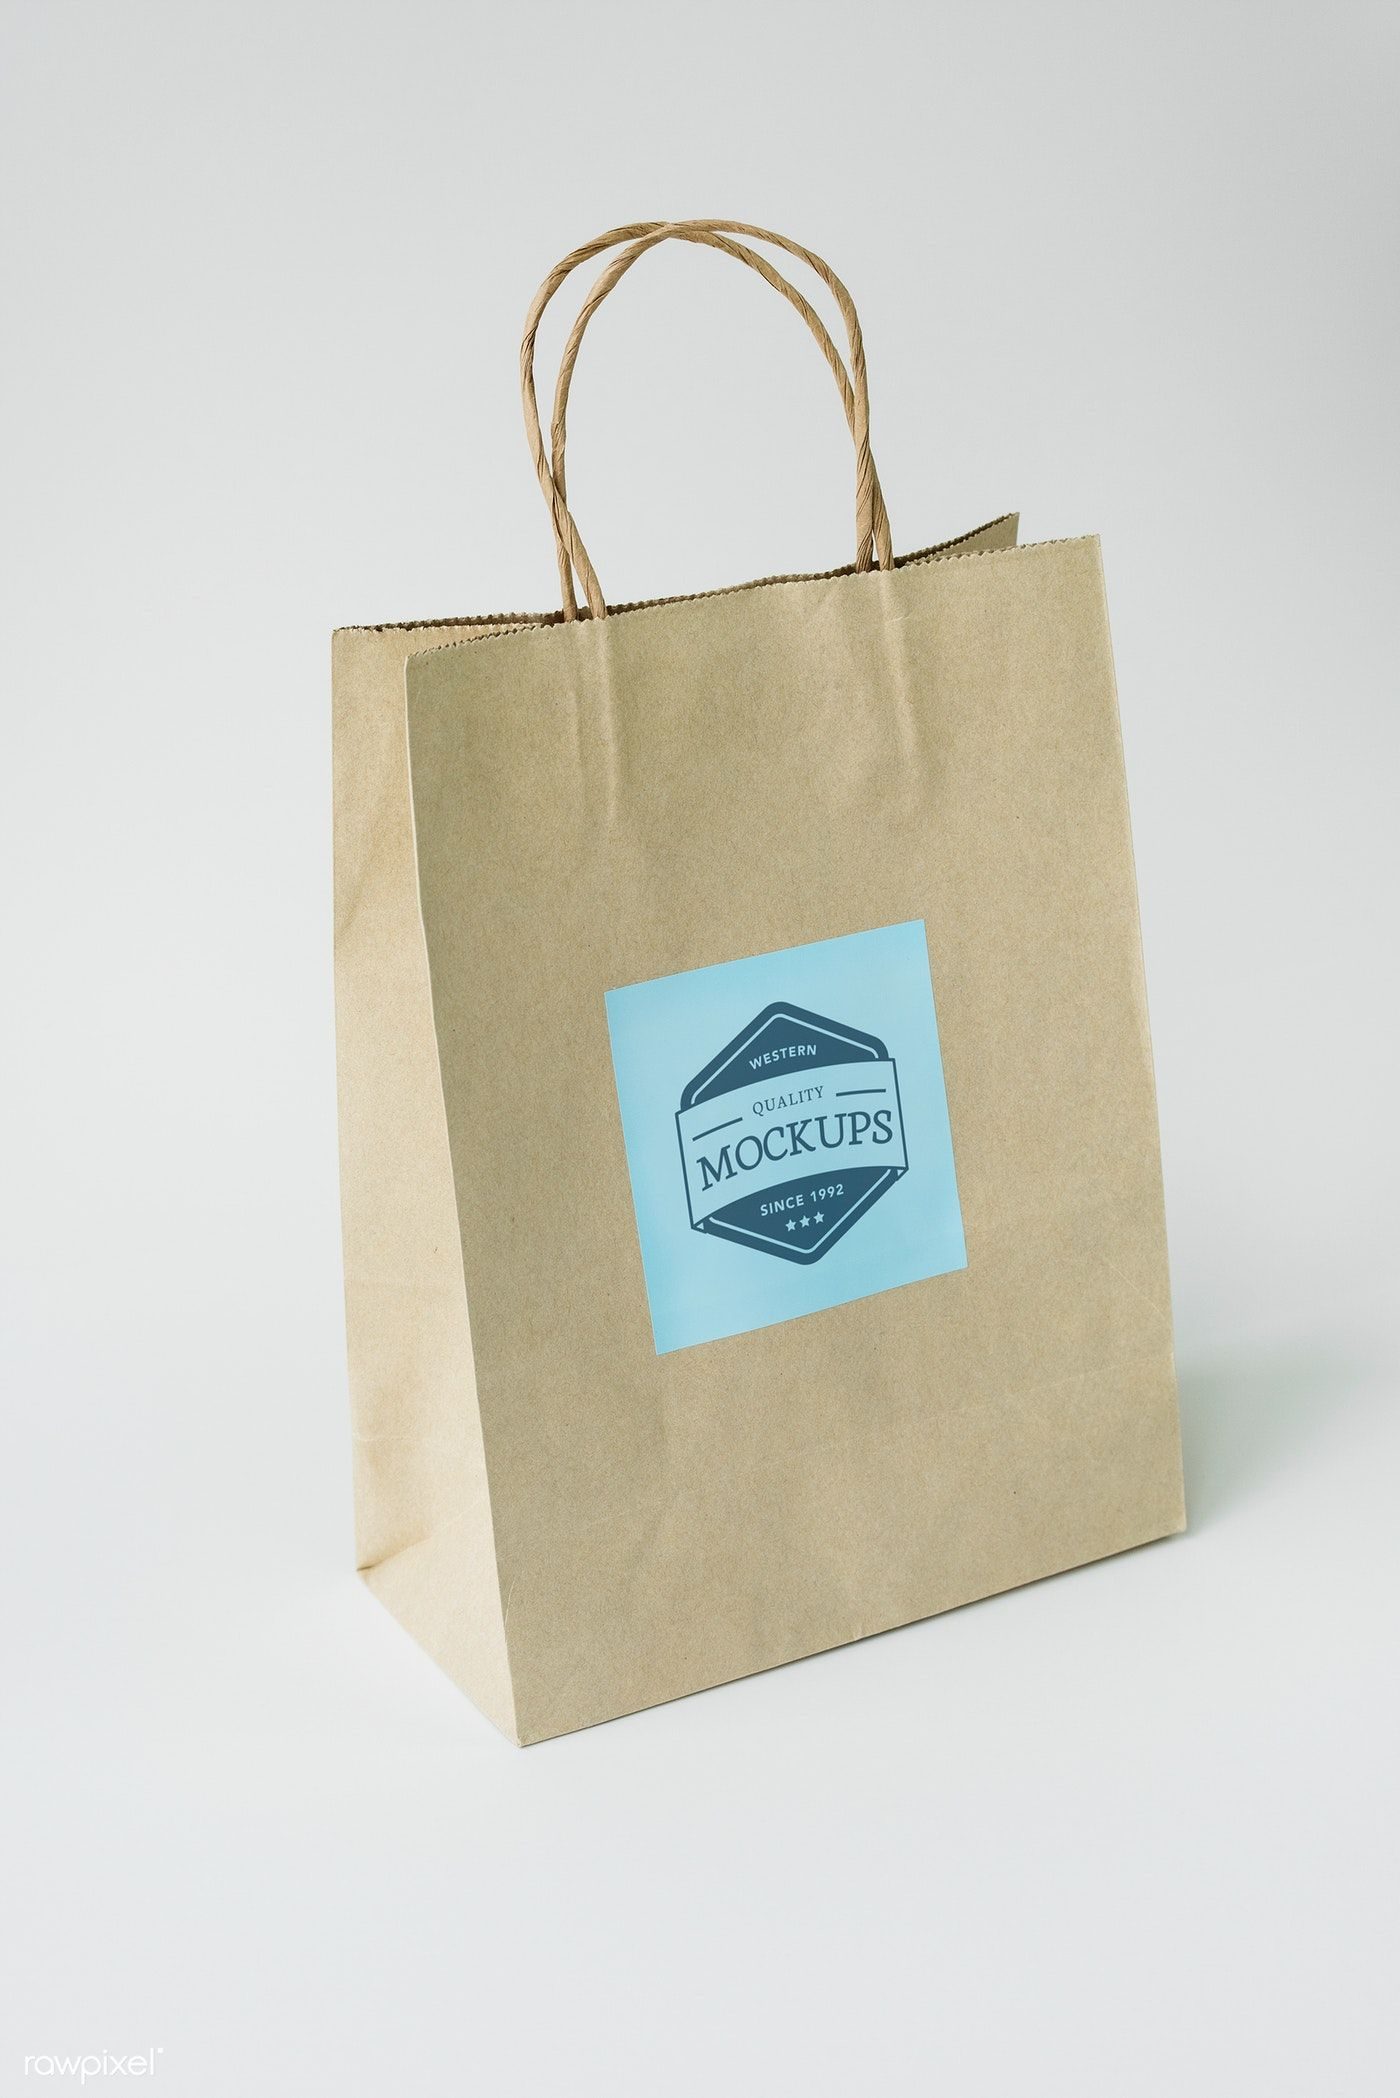 Download Download Premium Psd Of Paper Bag Mockup 296331 Bag Mockup Mockup Paper Bag